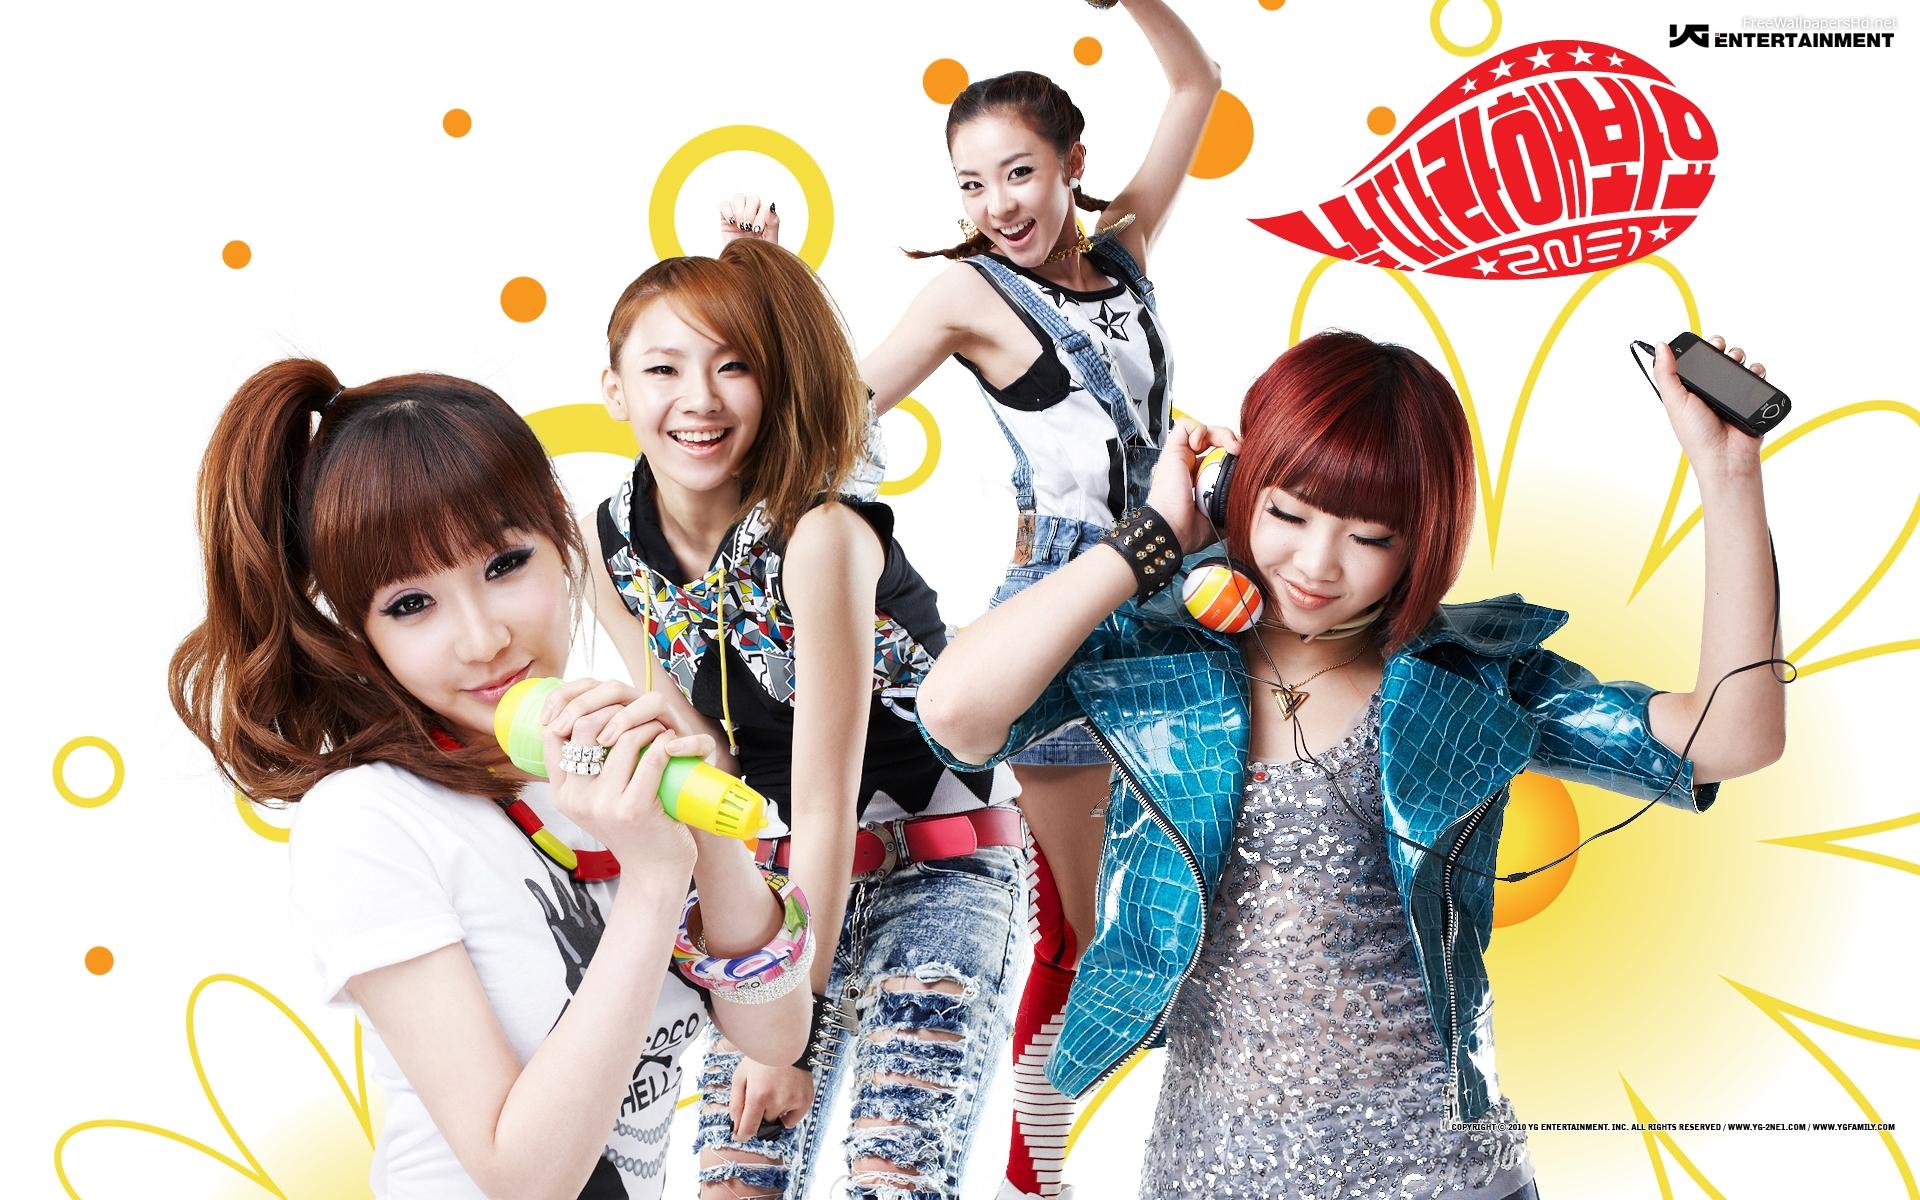 K-pop musik er helt nyt for mig, og virkelig spændende